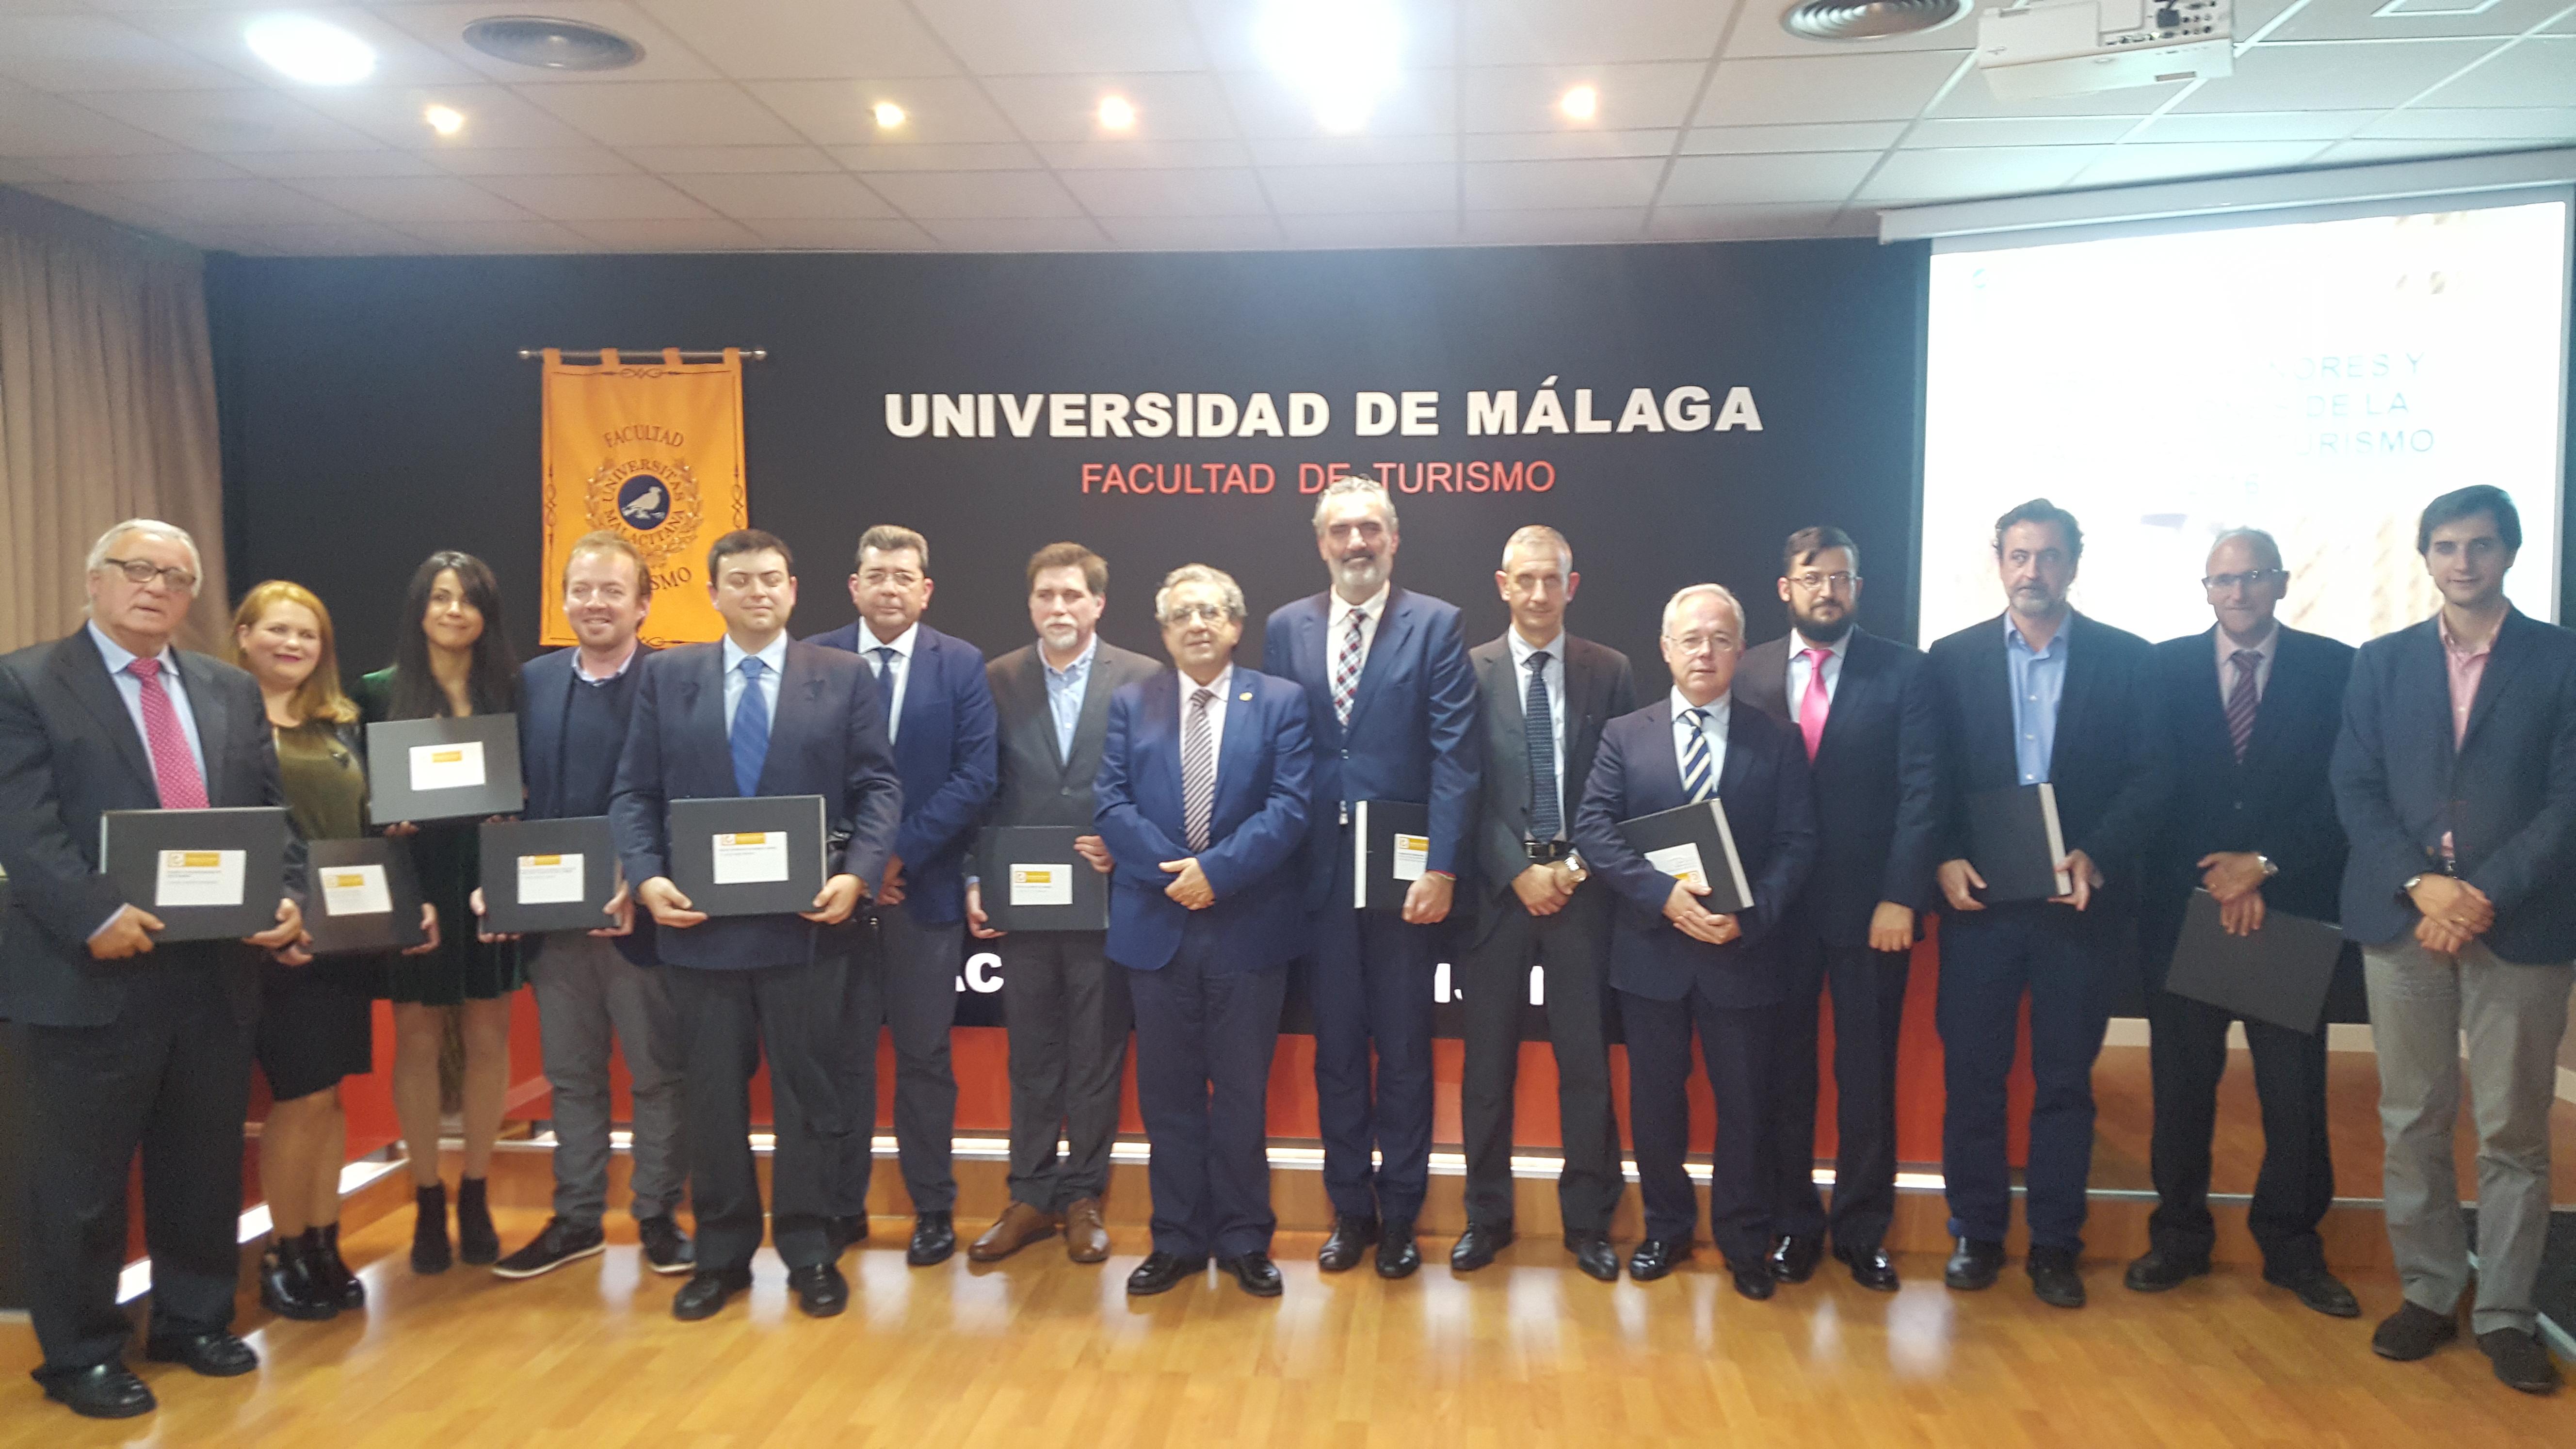 La Facultad de Turismo entrega sus premios, honores y distinciones